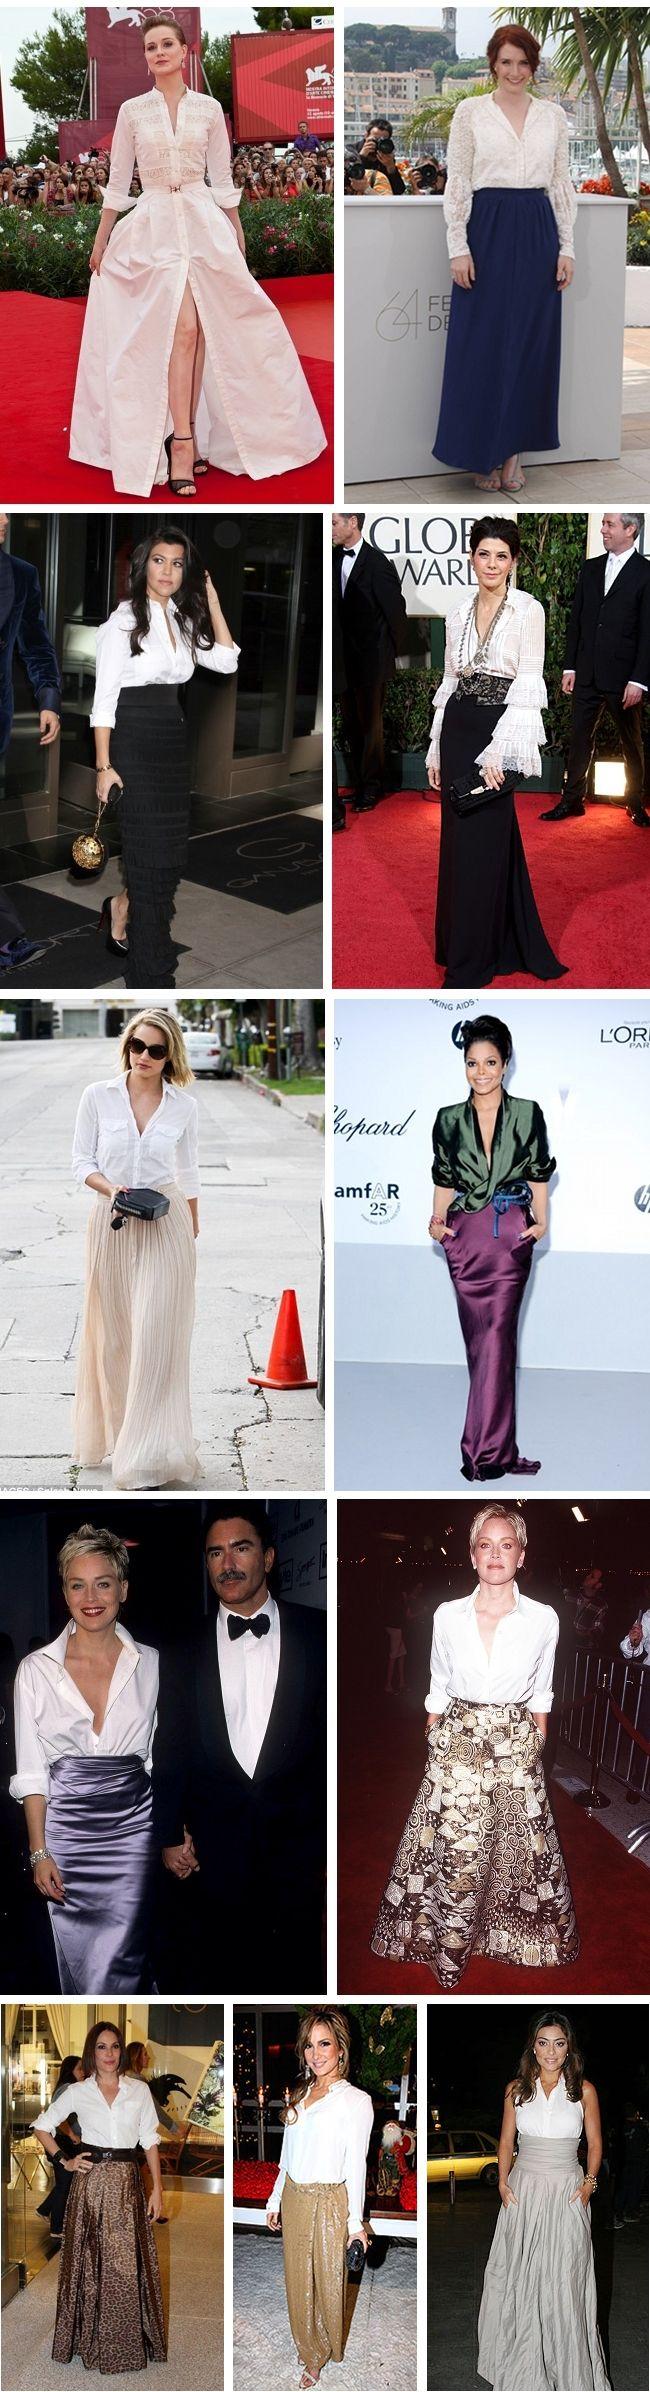 Inspiração de looks para festa com saia longa e camisa feminina